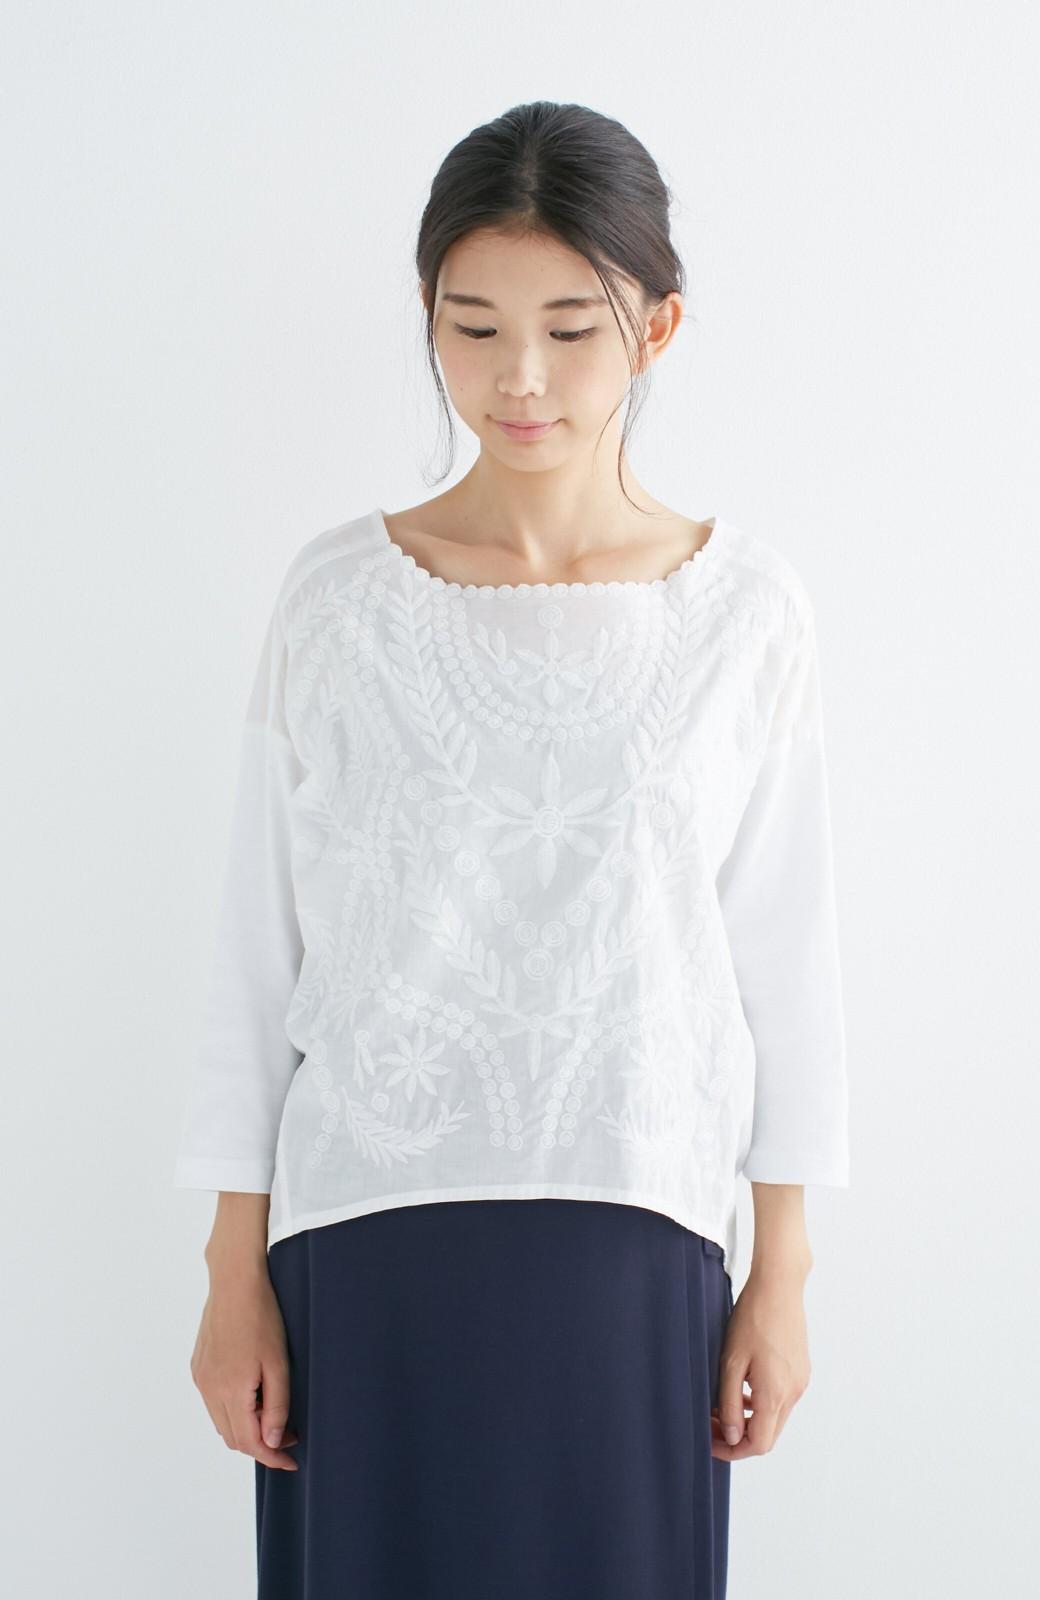 エムトロワ こう見えて動きやすい、袖だけカットソーの華やか刺しゅうブラウス <ホワイト>の商品写真14